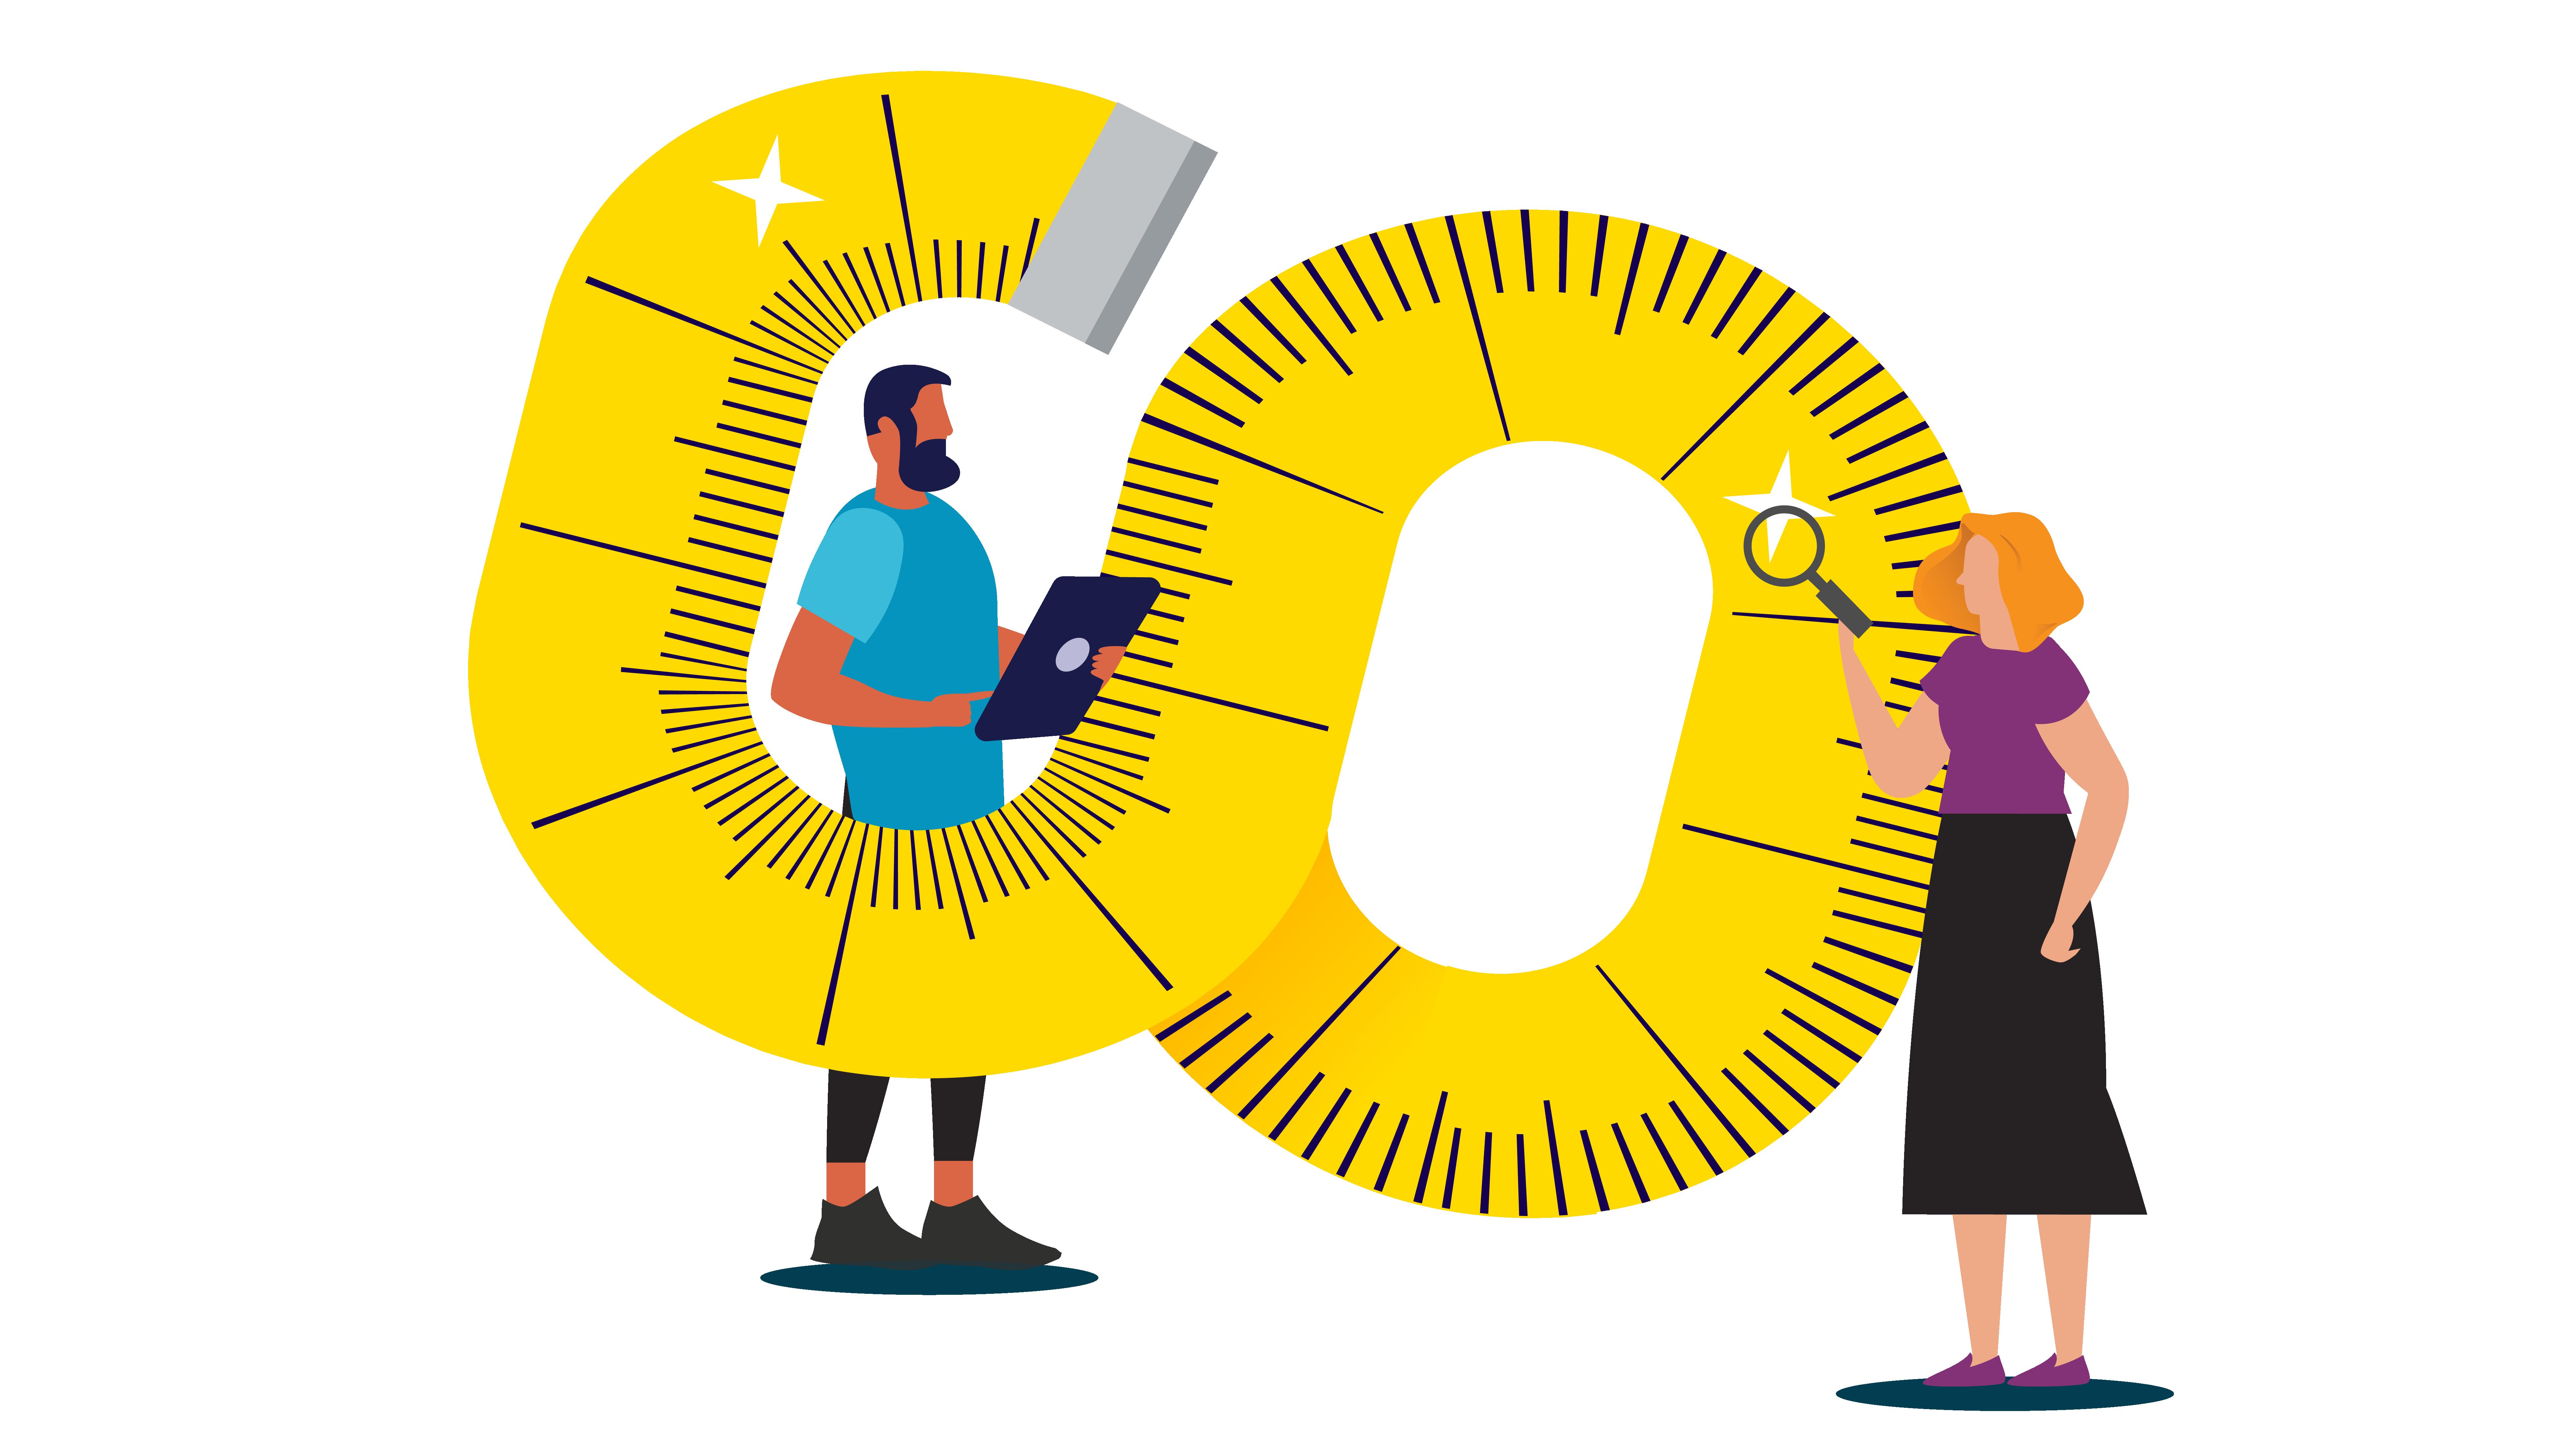 Illustration about measuring DevOps-07